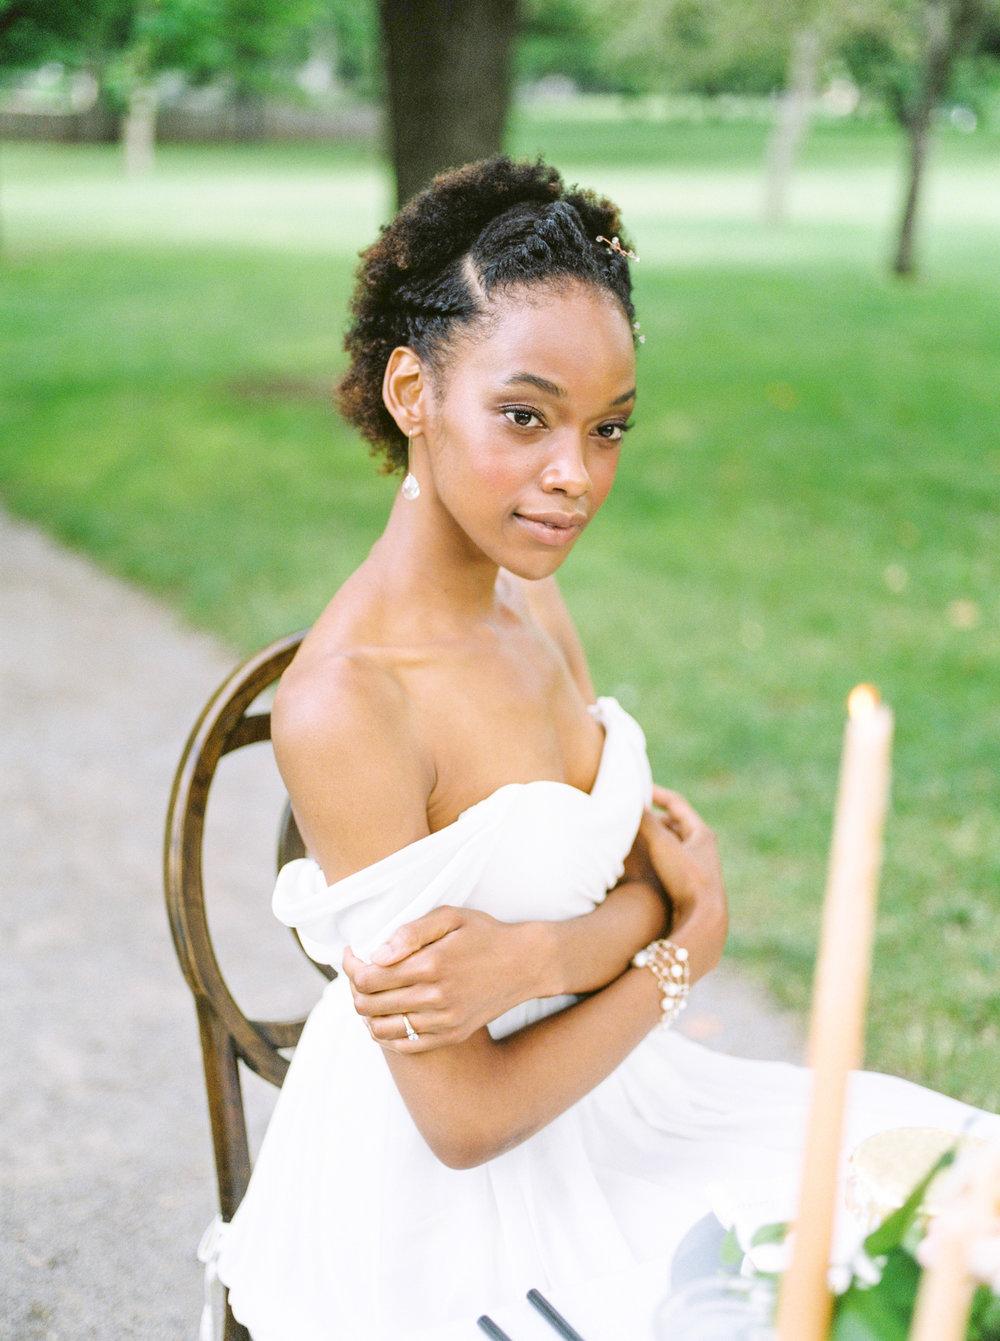 bride at outdoor summer wedding in ontario